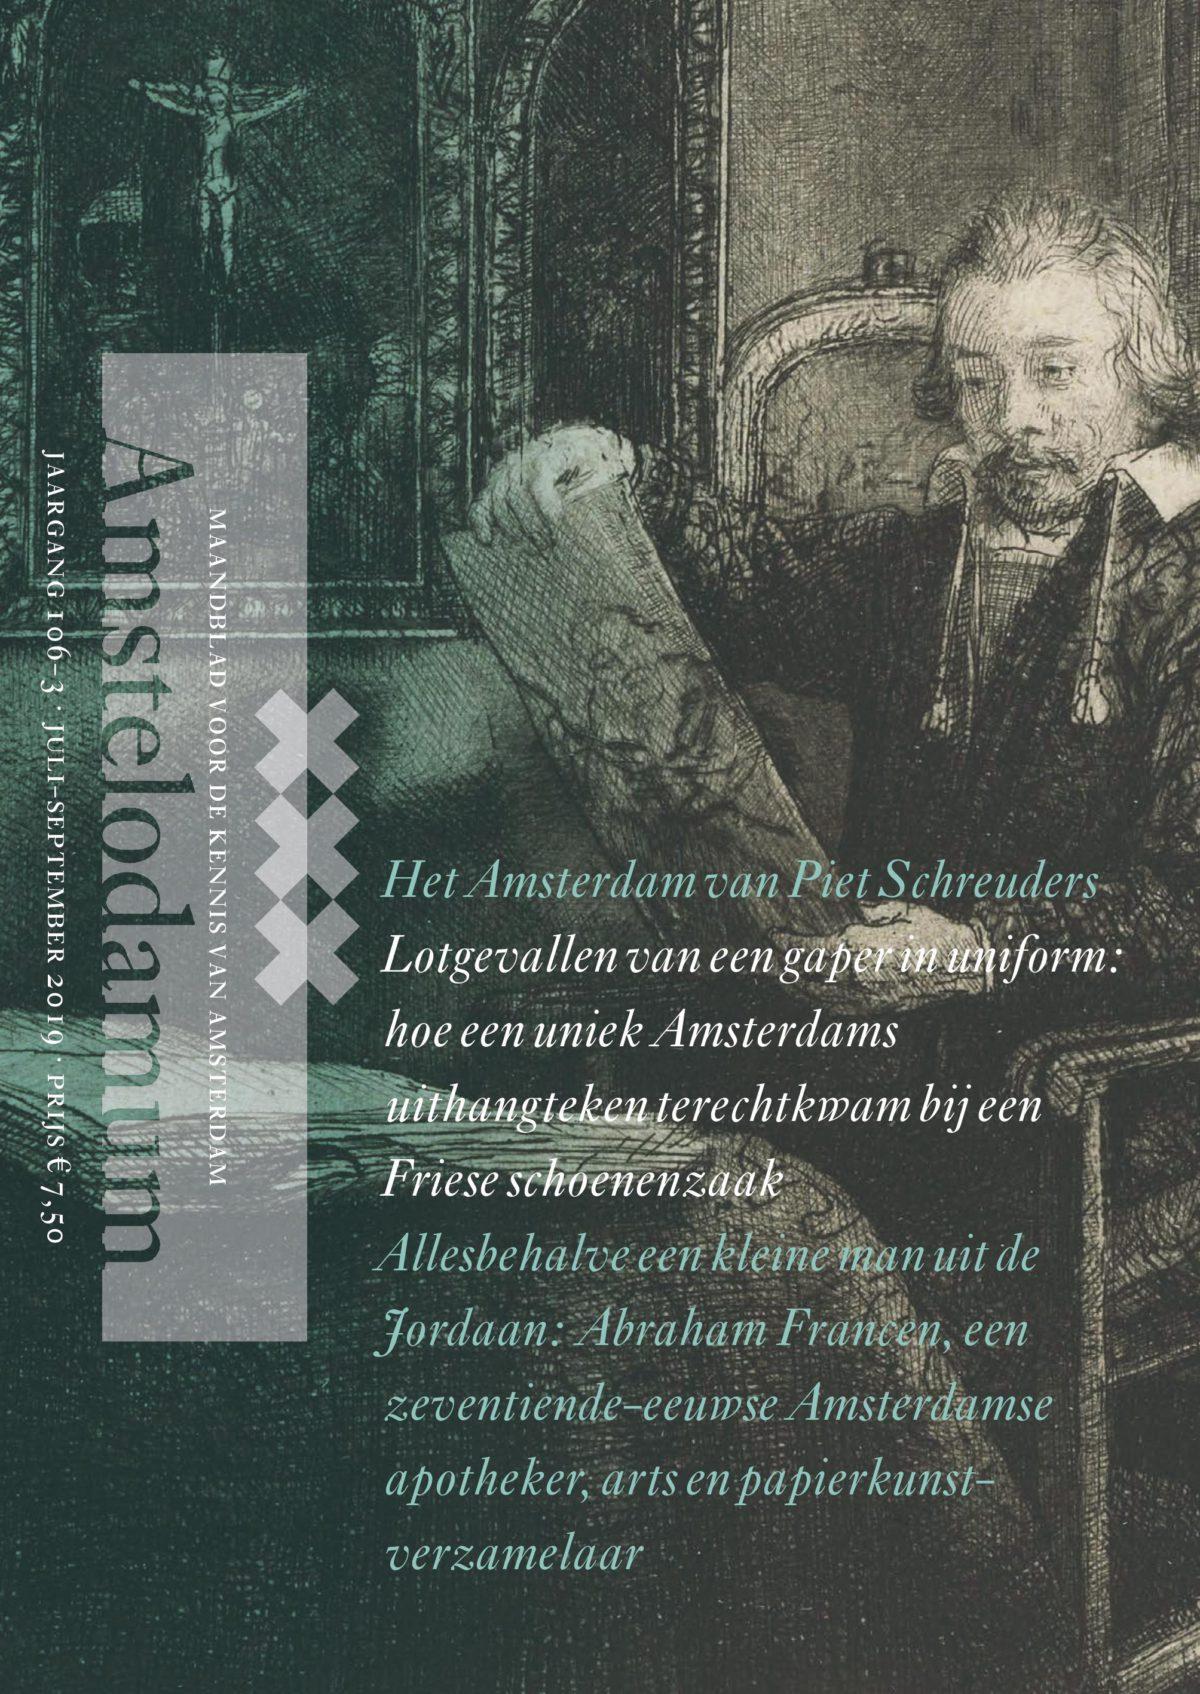 Maandblad 3/19 ligt in de Stadsboekwinkel!